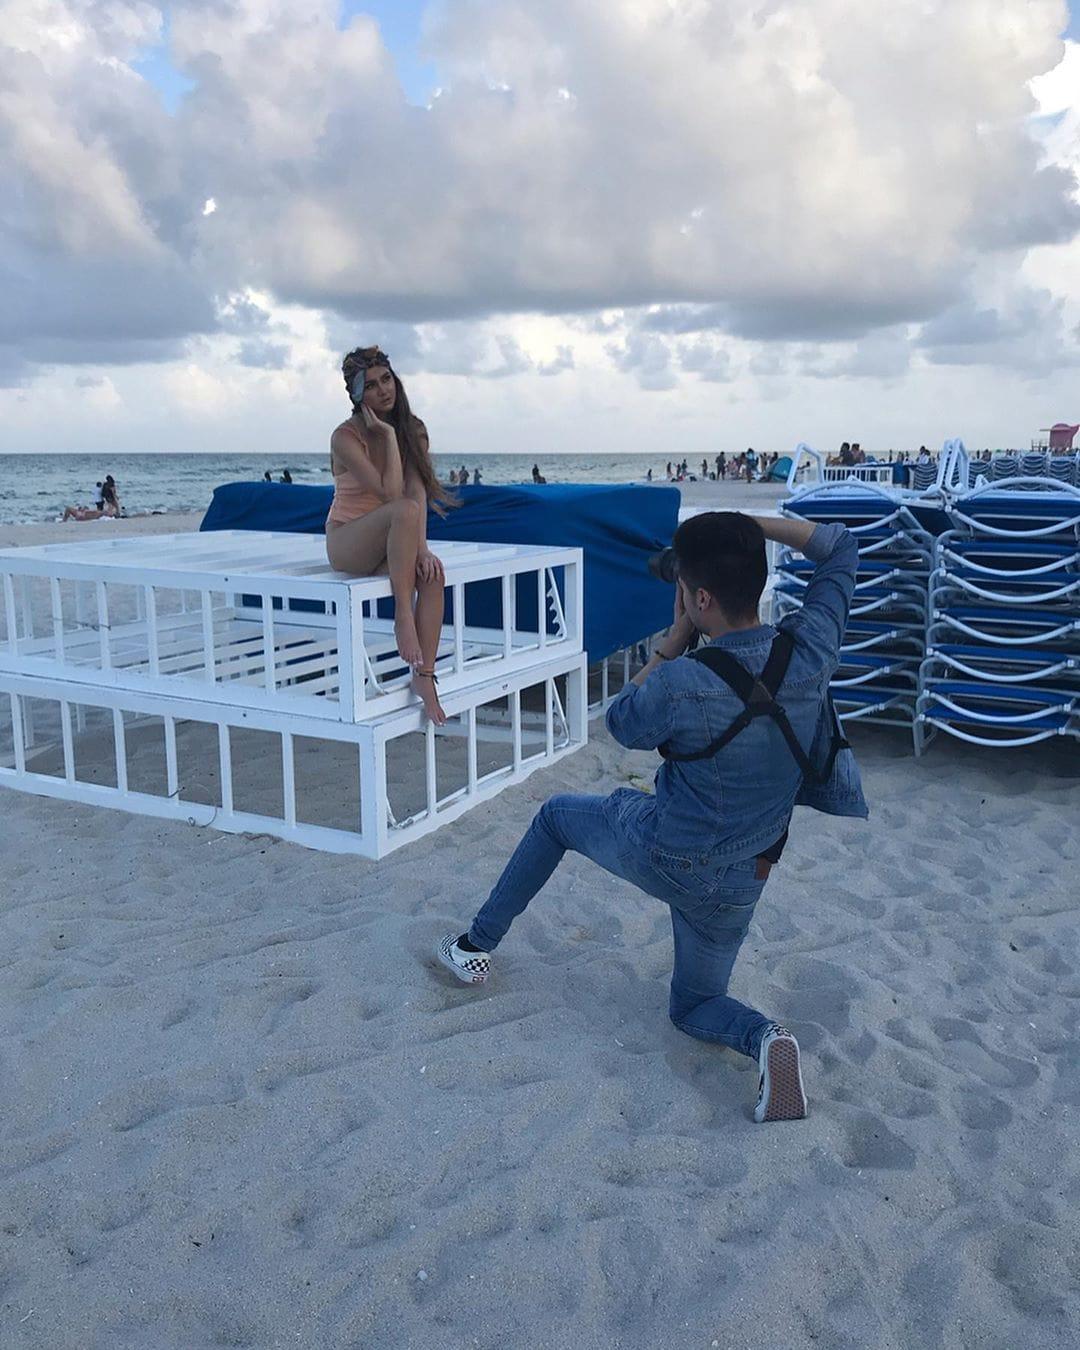 1569499541 6364d3f0f495b6ab9dcf8d3b5c6e0b01 - Фотограф из Флориды показал, как выглядит со стороны процесс съёмки идеальных инстаграмных снимков